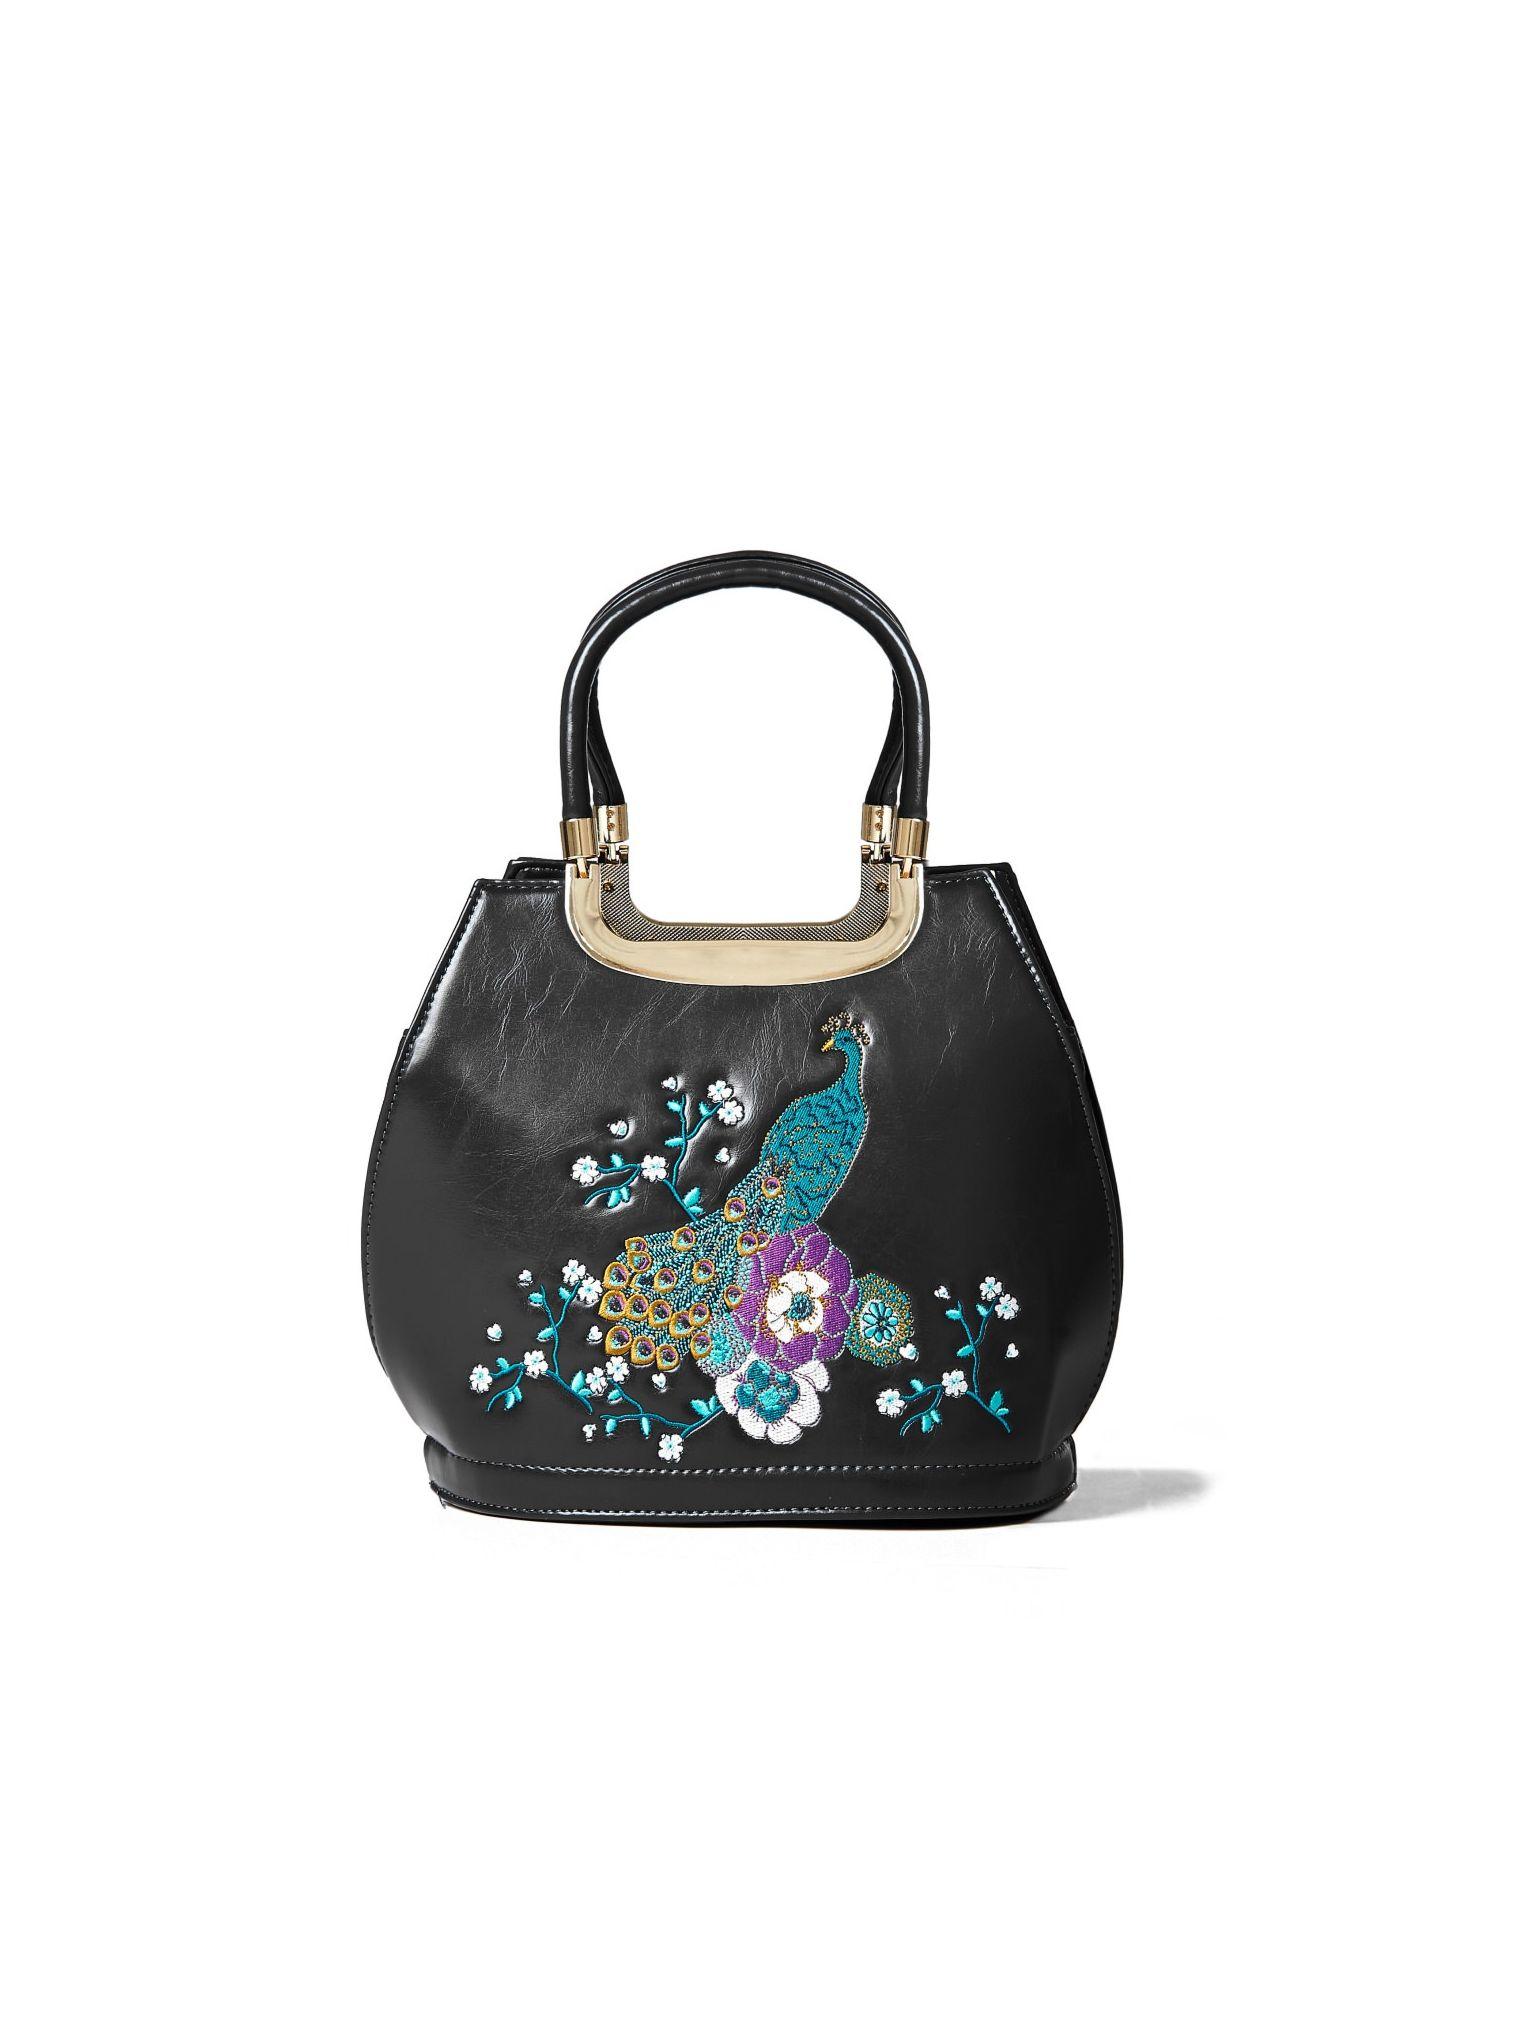 Mayuree Handbag